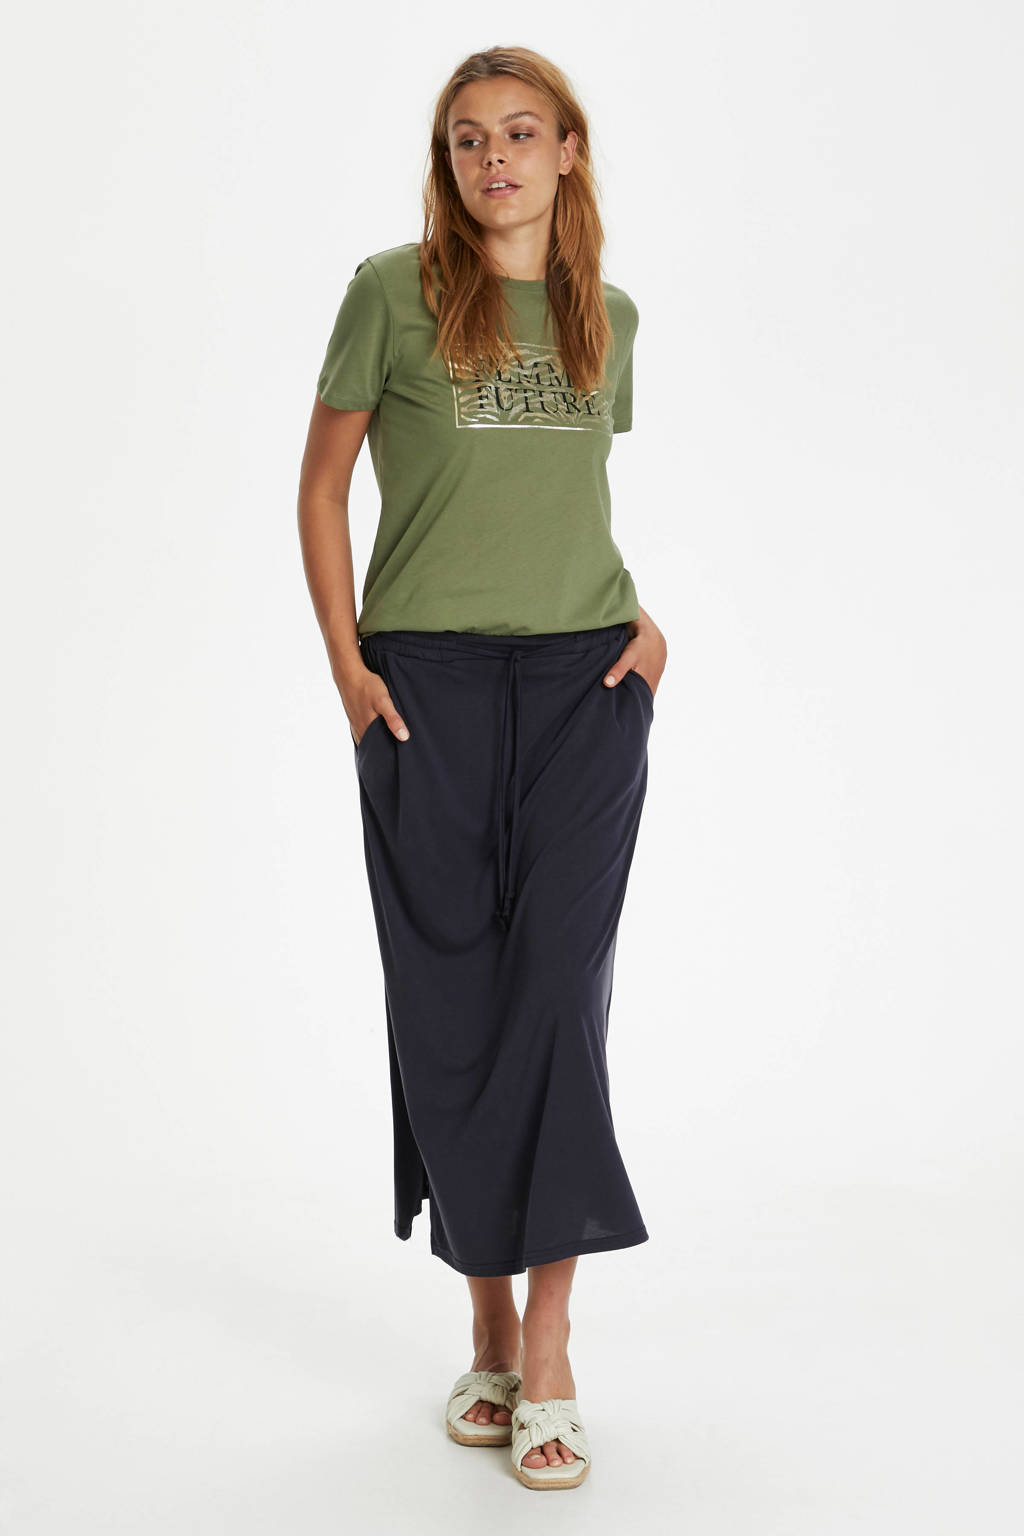 Saint Tropez T-shirt Getina met printopdruk olijfgroen, Olijfgroen